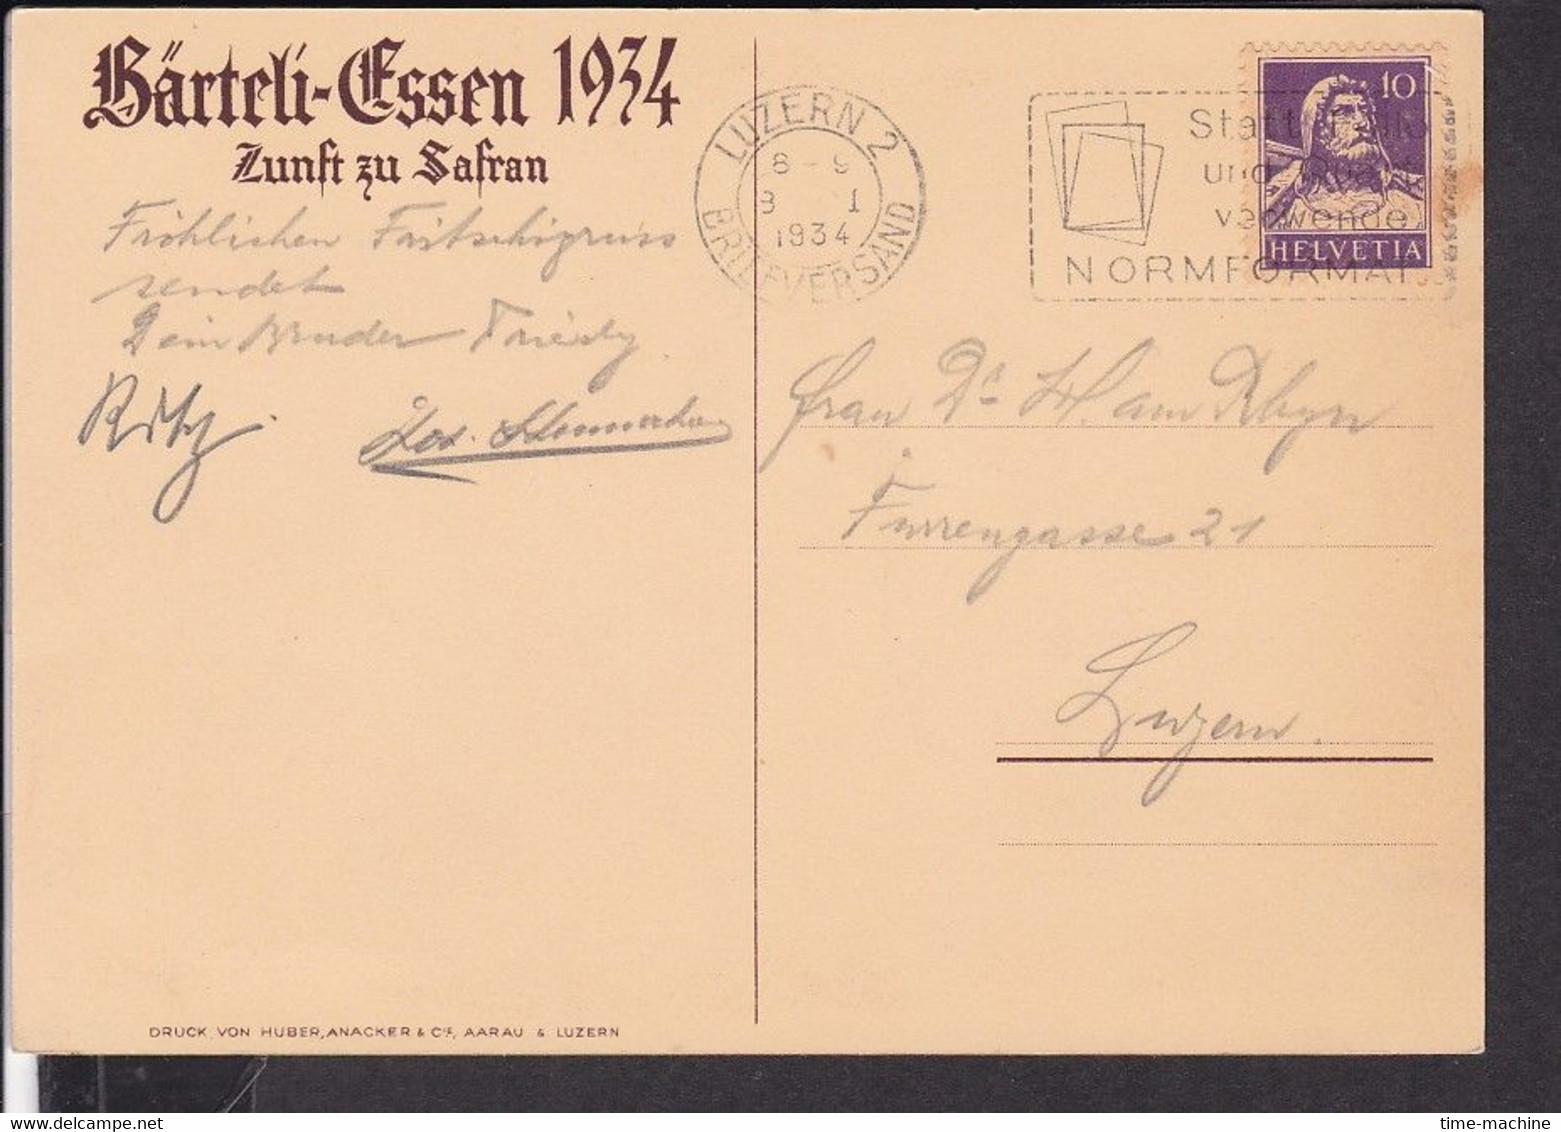 Künstlerpostkarte Luzern Zunft Zu Safran , Bärteli - Essen , Fasnacht  1934 - LU Lucerne